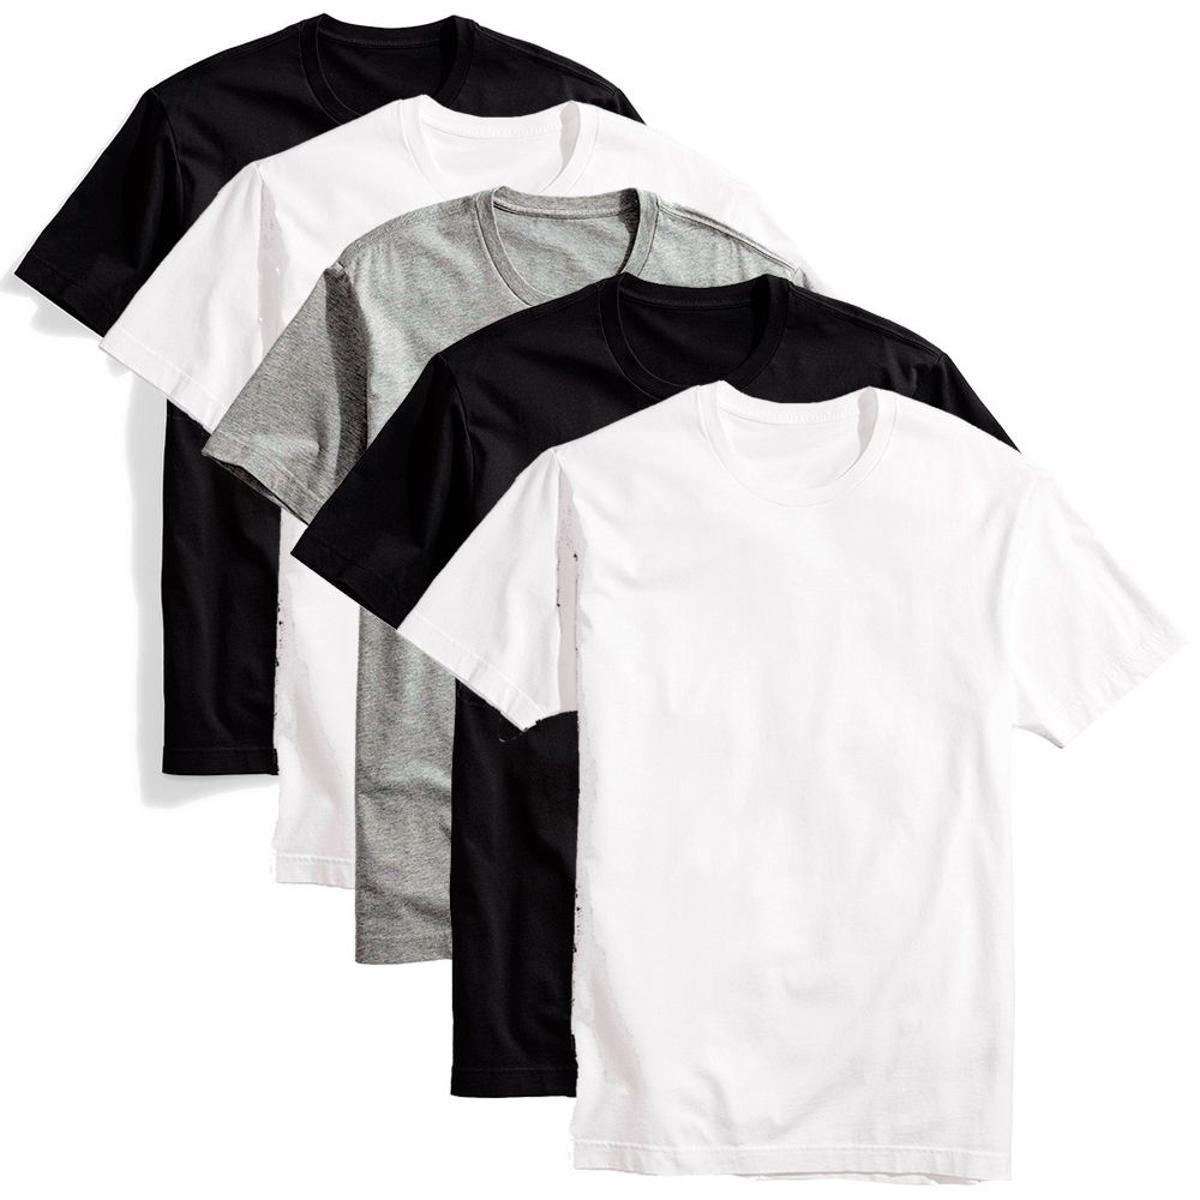 c91f35d7d2 kit 10 camisetas lisas masculina baratas algodão malha macia. Carregando  zoom.